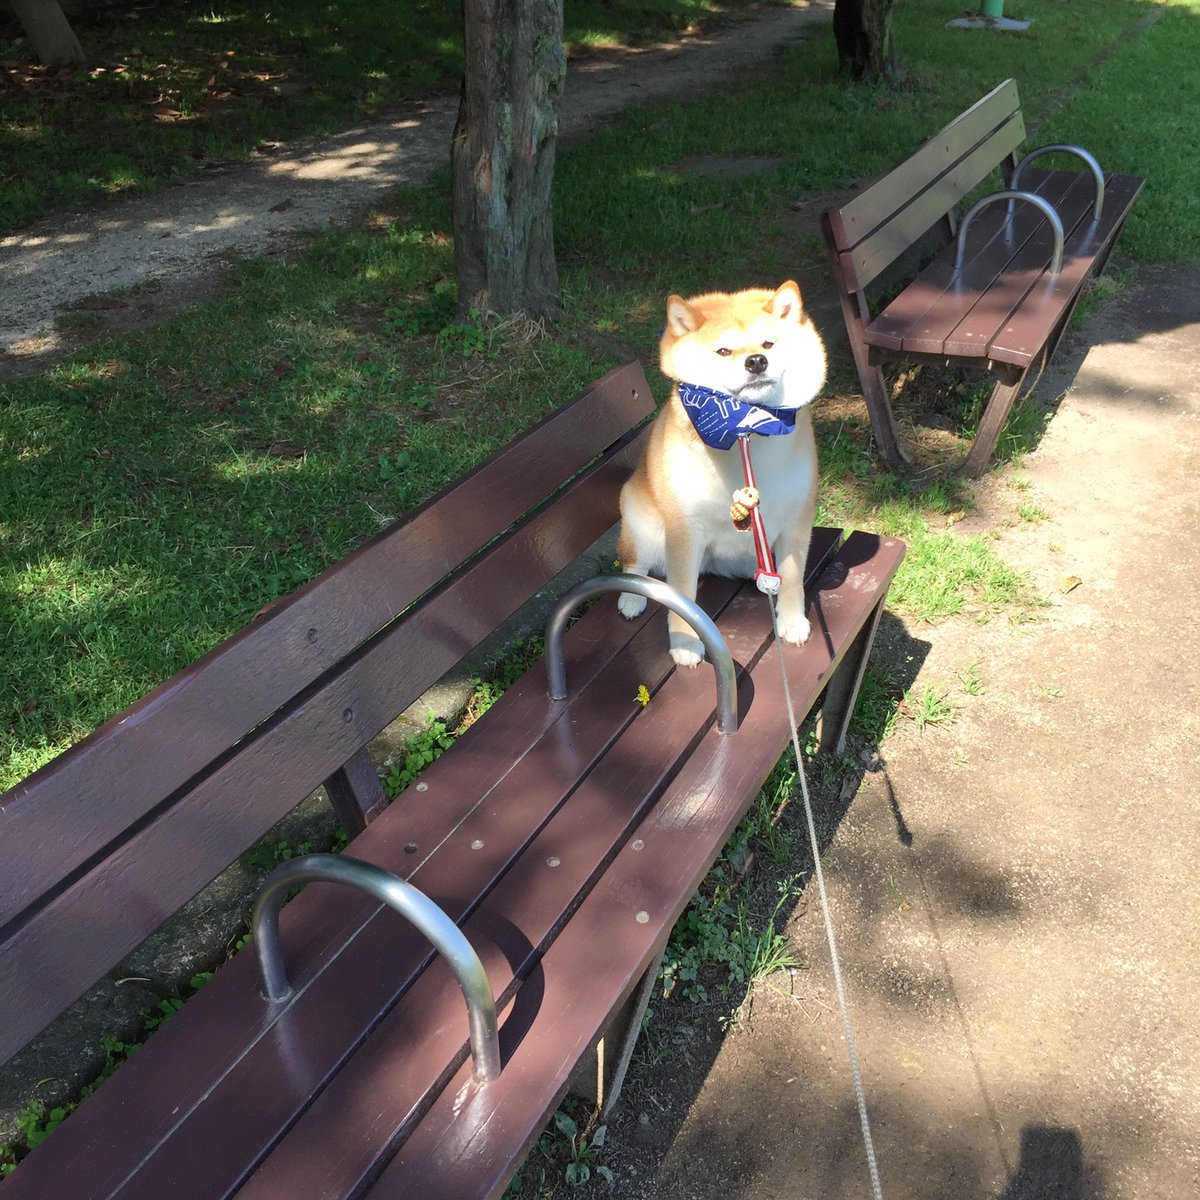 Nàng cún Shiba lầy lội: đã ra đường là không bao giờ chịu về nhà - Ảnh 10.